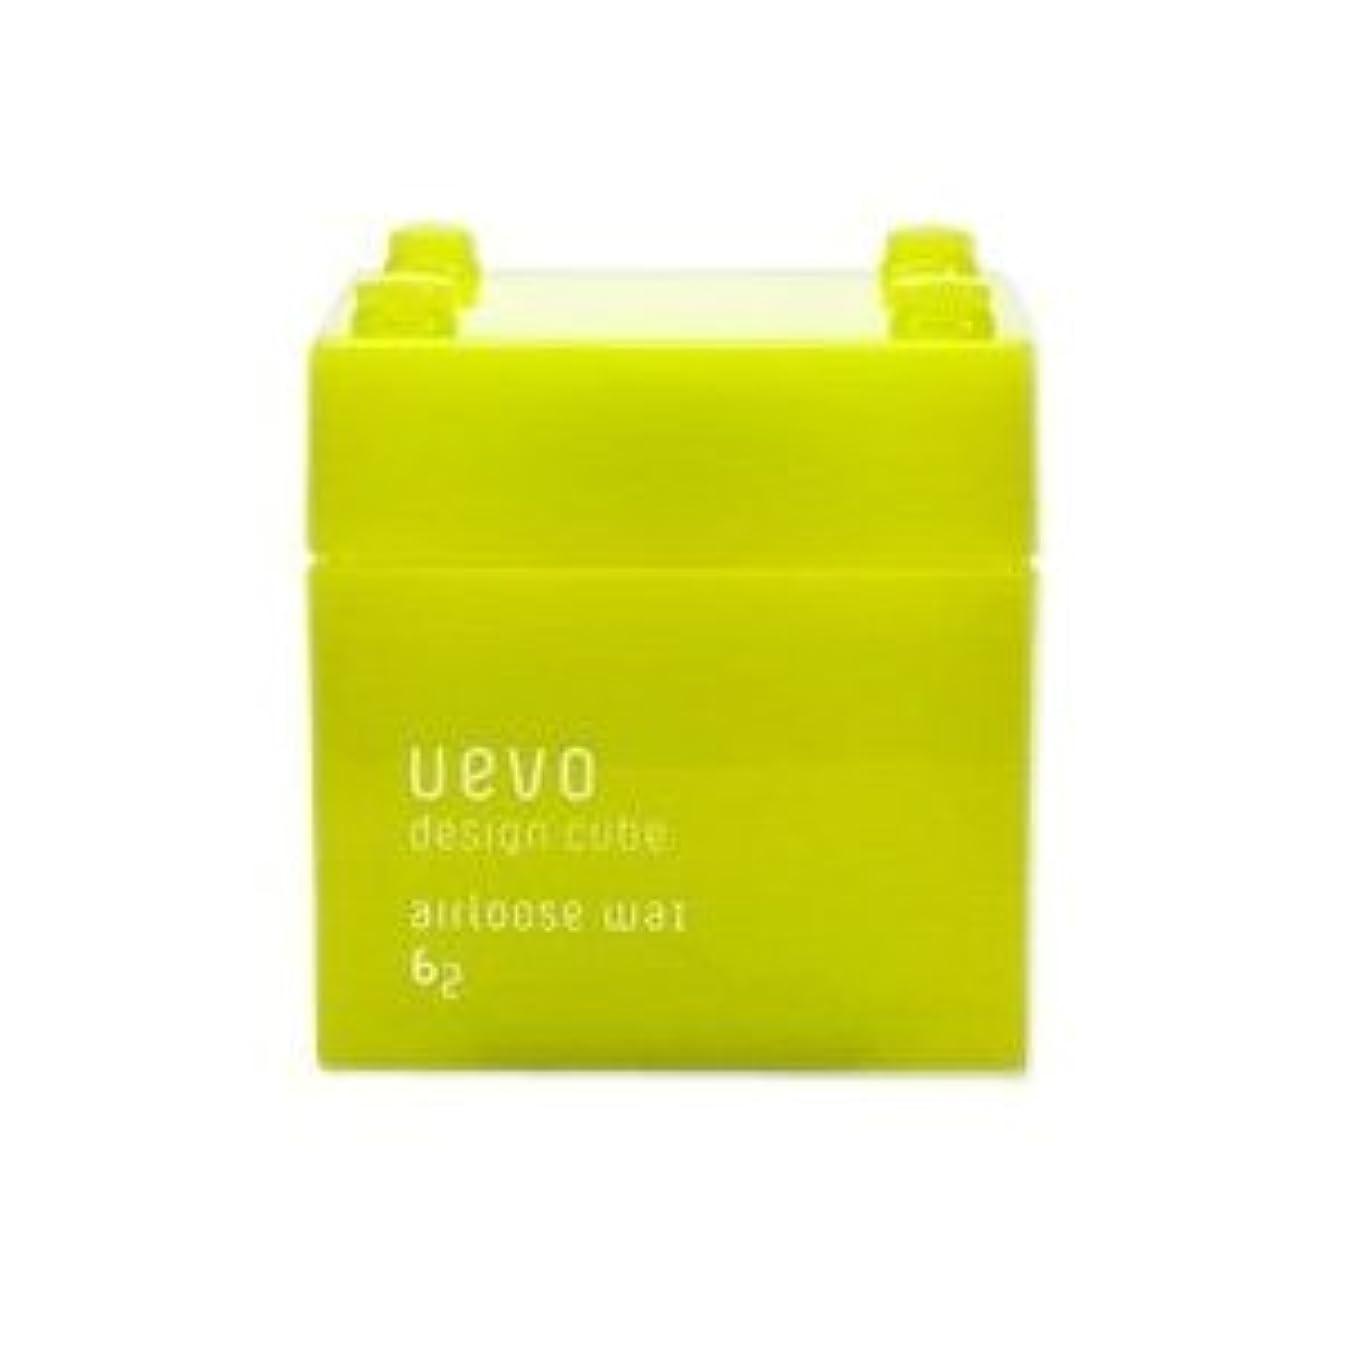 レビュアー規範モディッシュ【X2個セット】 デミ ウェーボ デザインキューブ エアルーズワックス 80g airloose wax DEMI uevo design cube